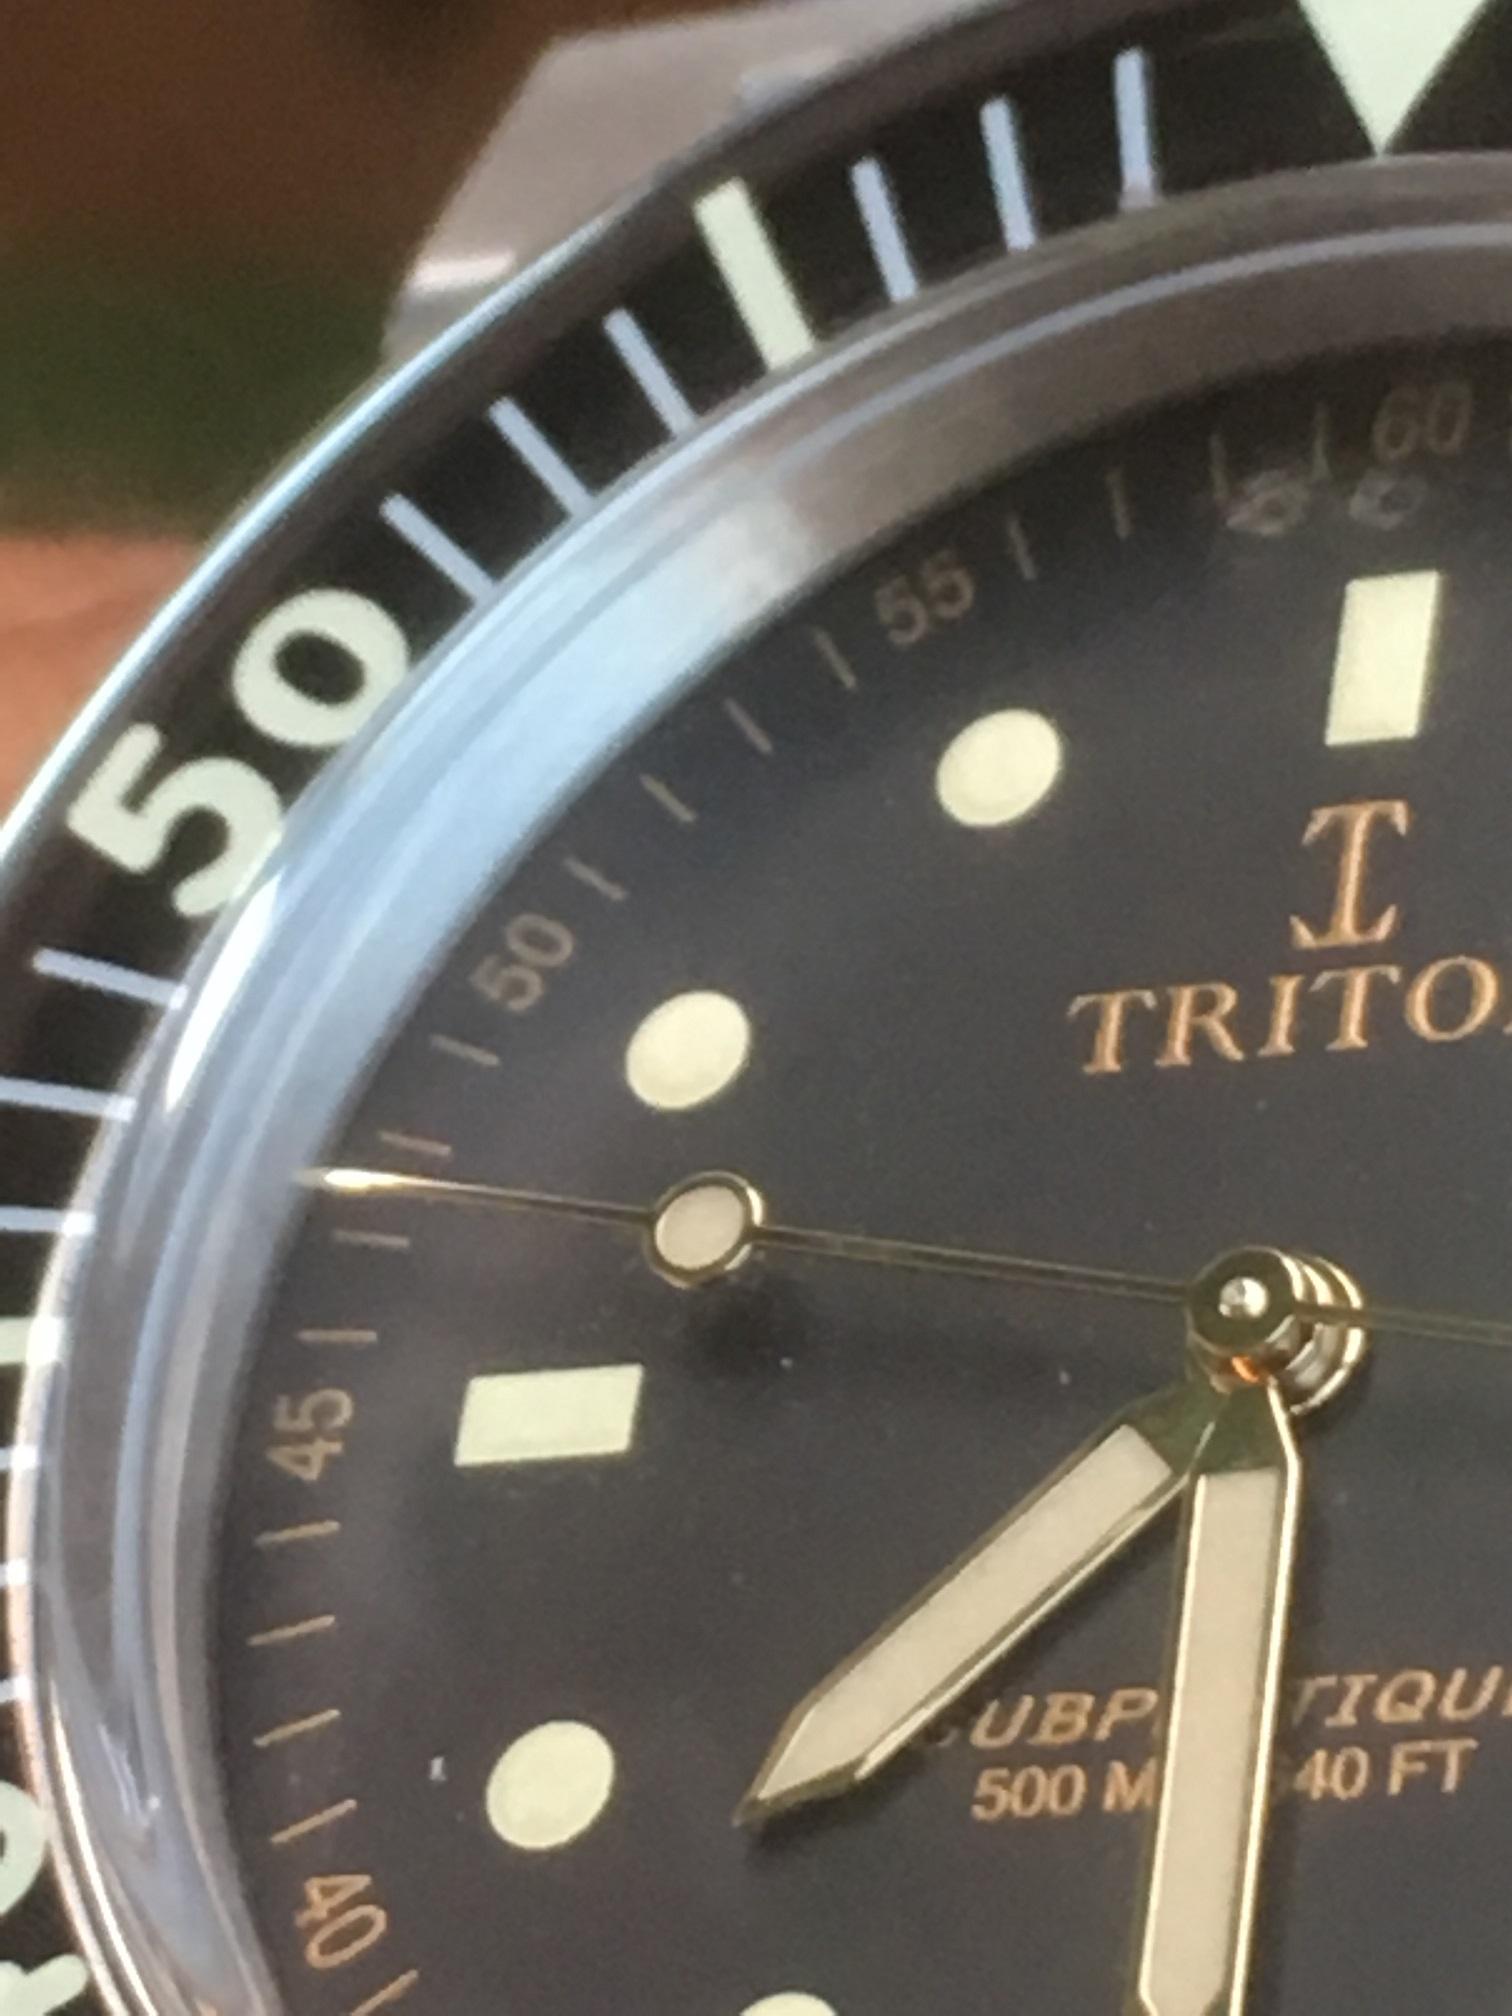 [News - Revue] Triton Subphotique  - Page 11 181010013142223603